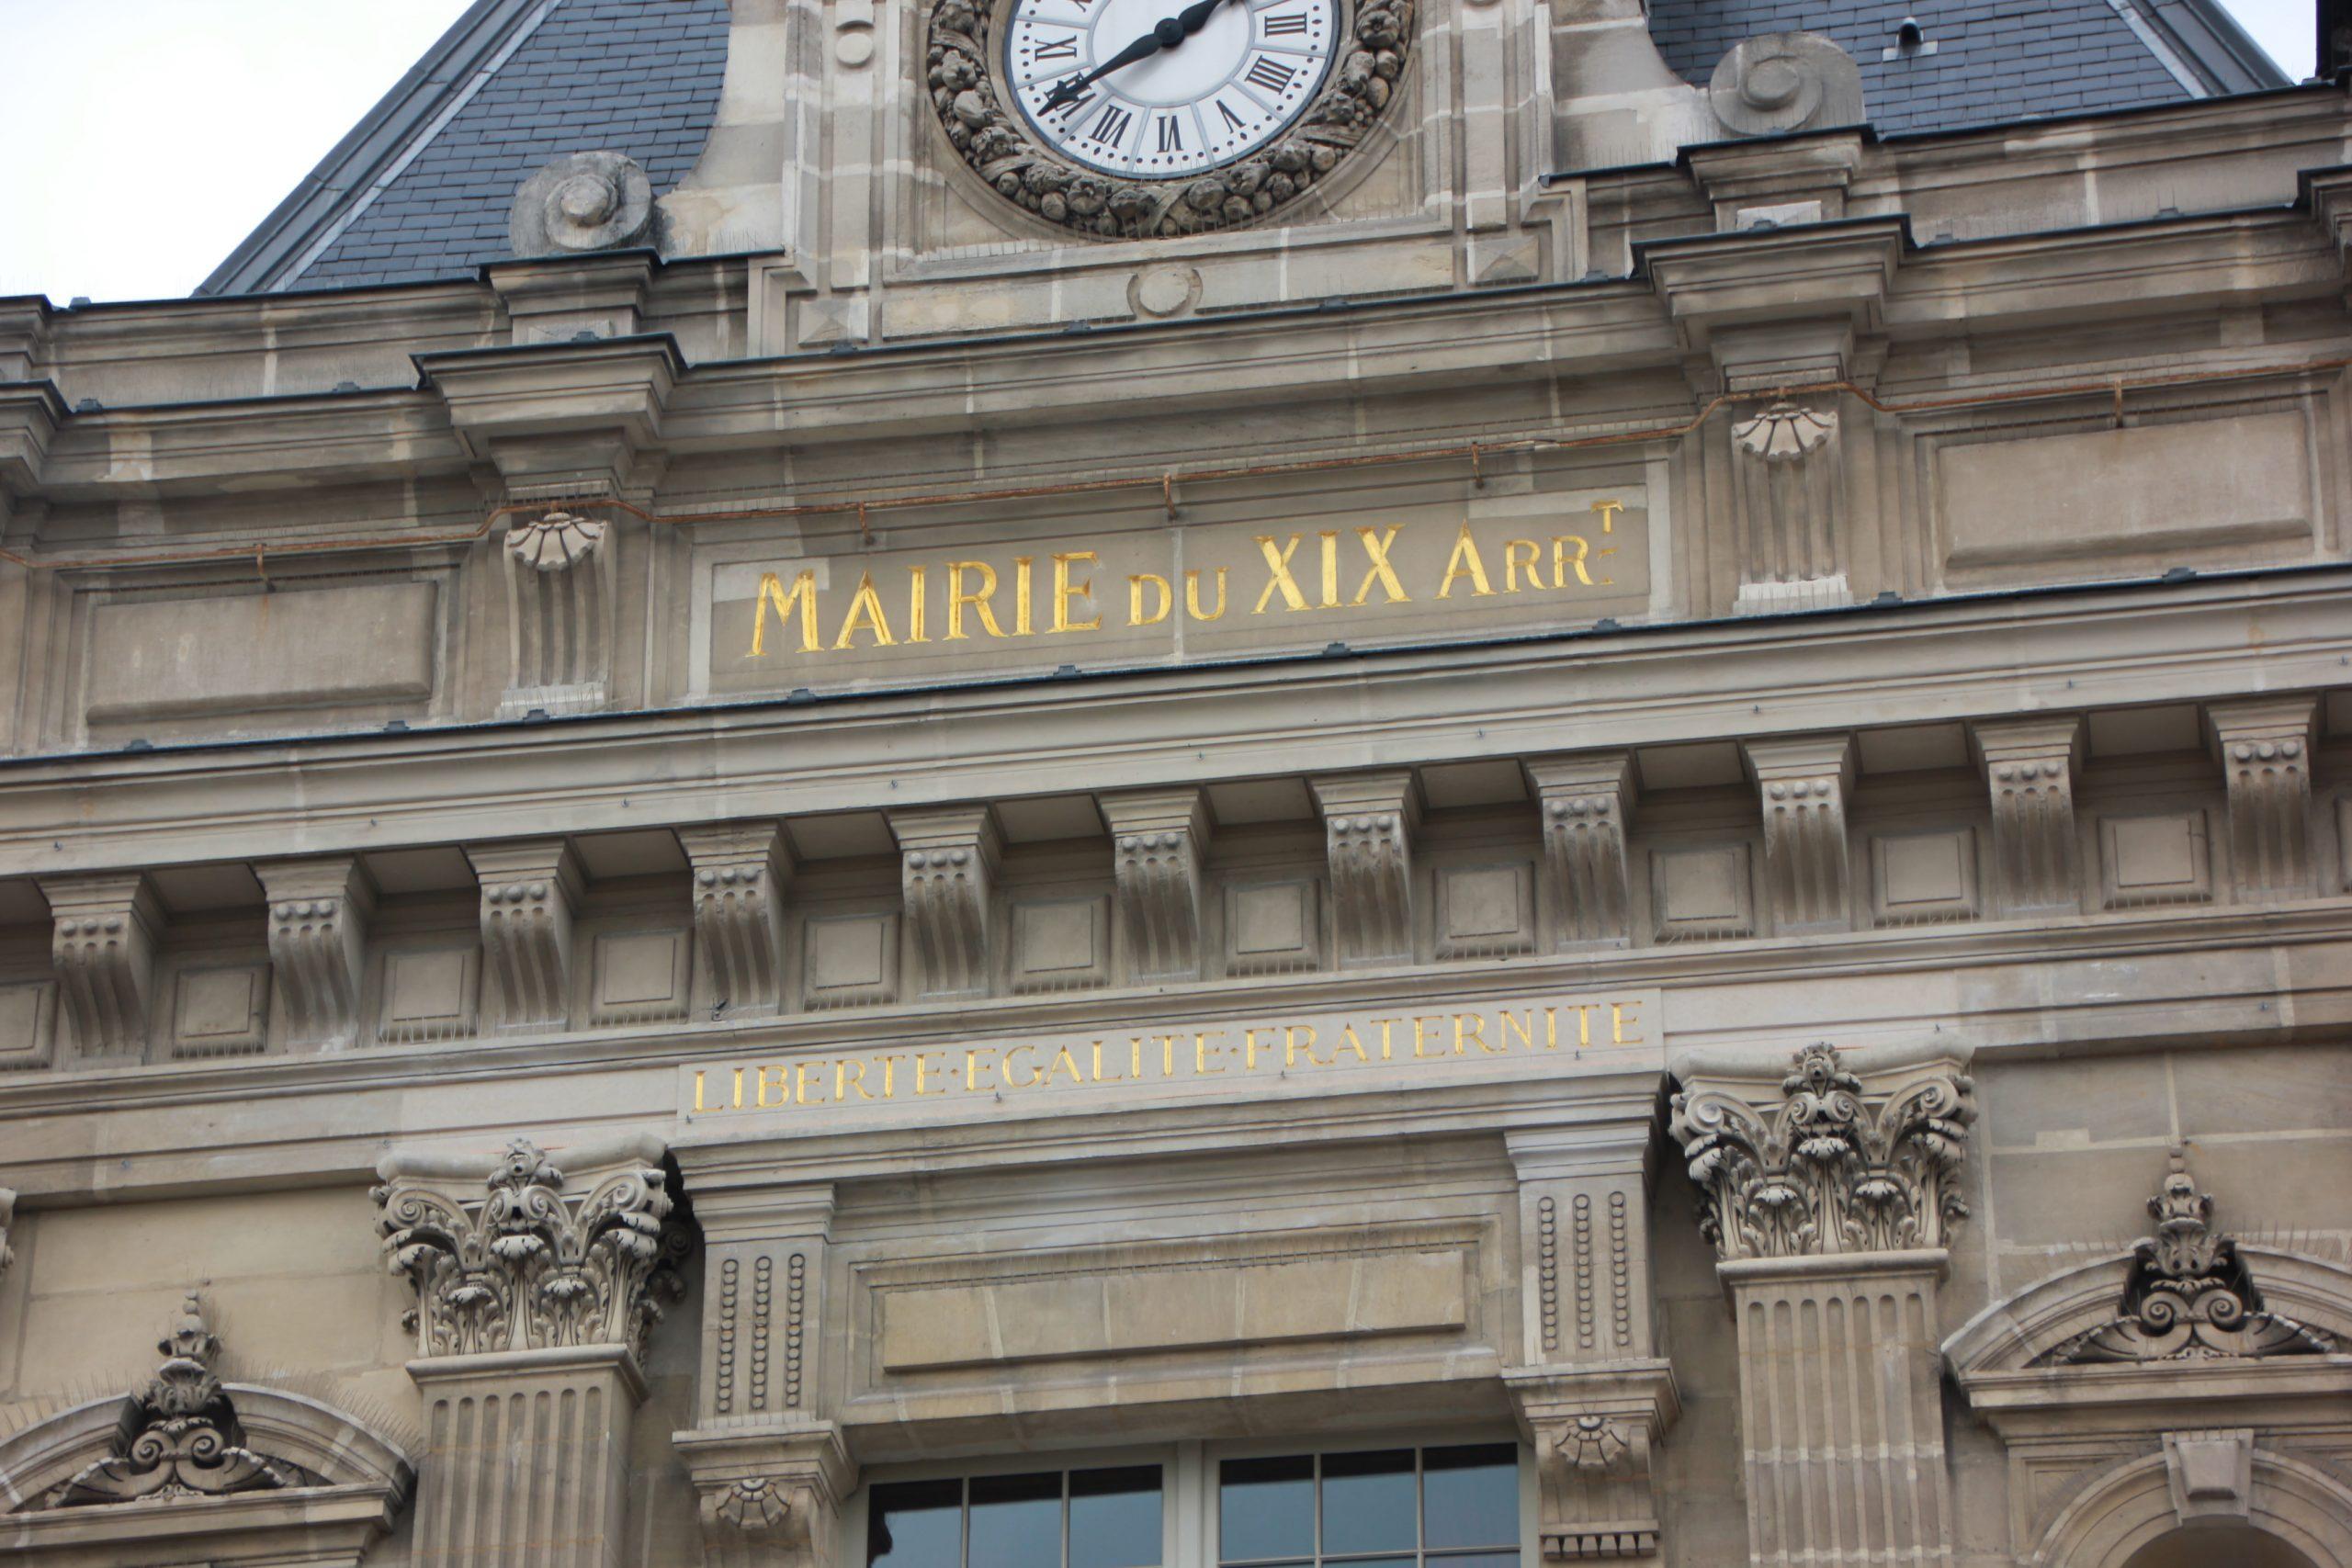 Mairie du XIXème